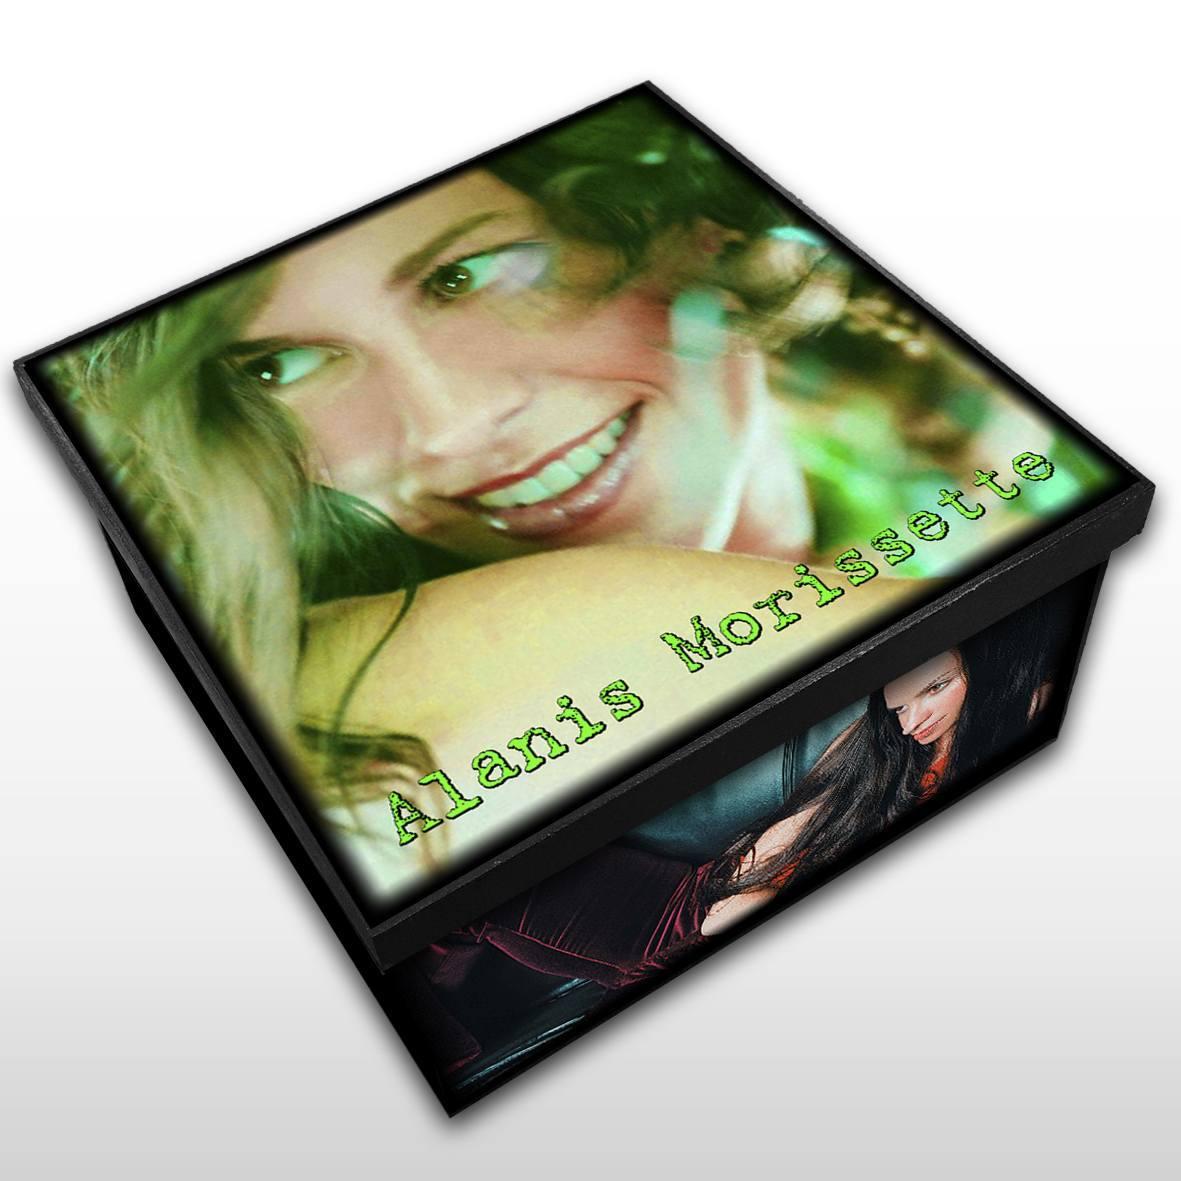 Alanis Morissette - Caixa Organizadora em Madeira MDF - Tamanho Médio - Mr. Rock